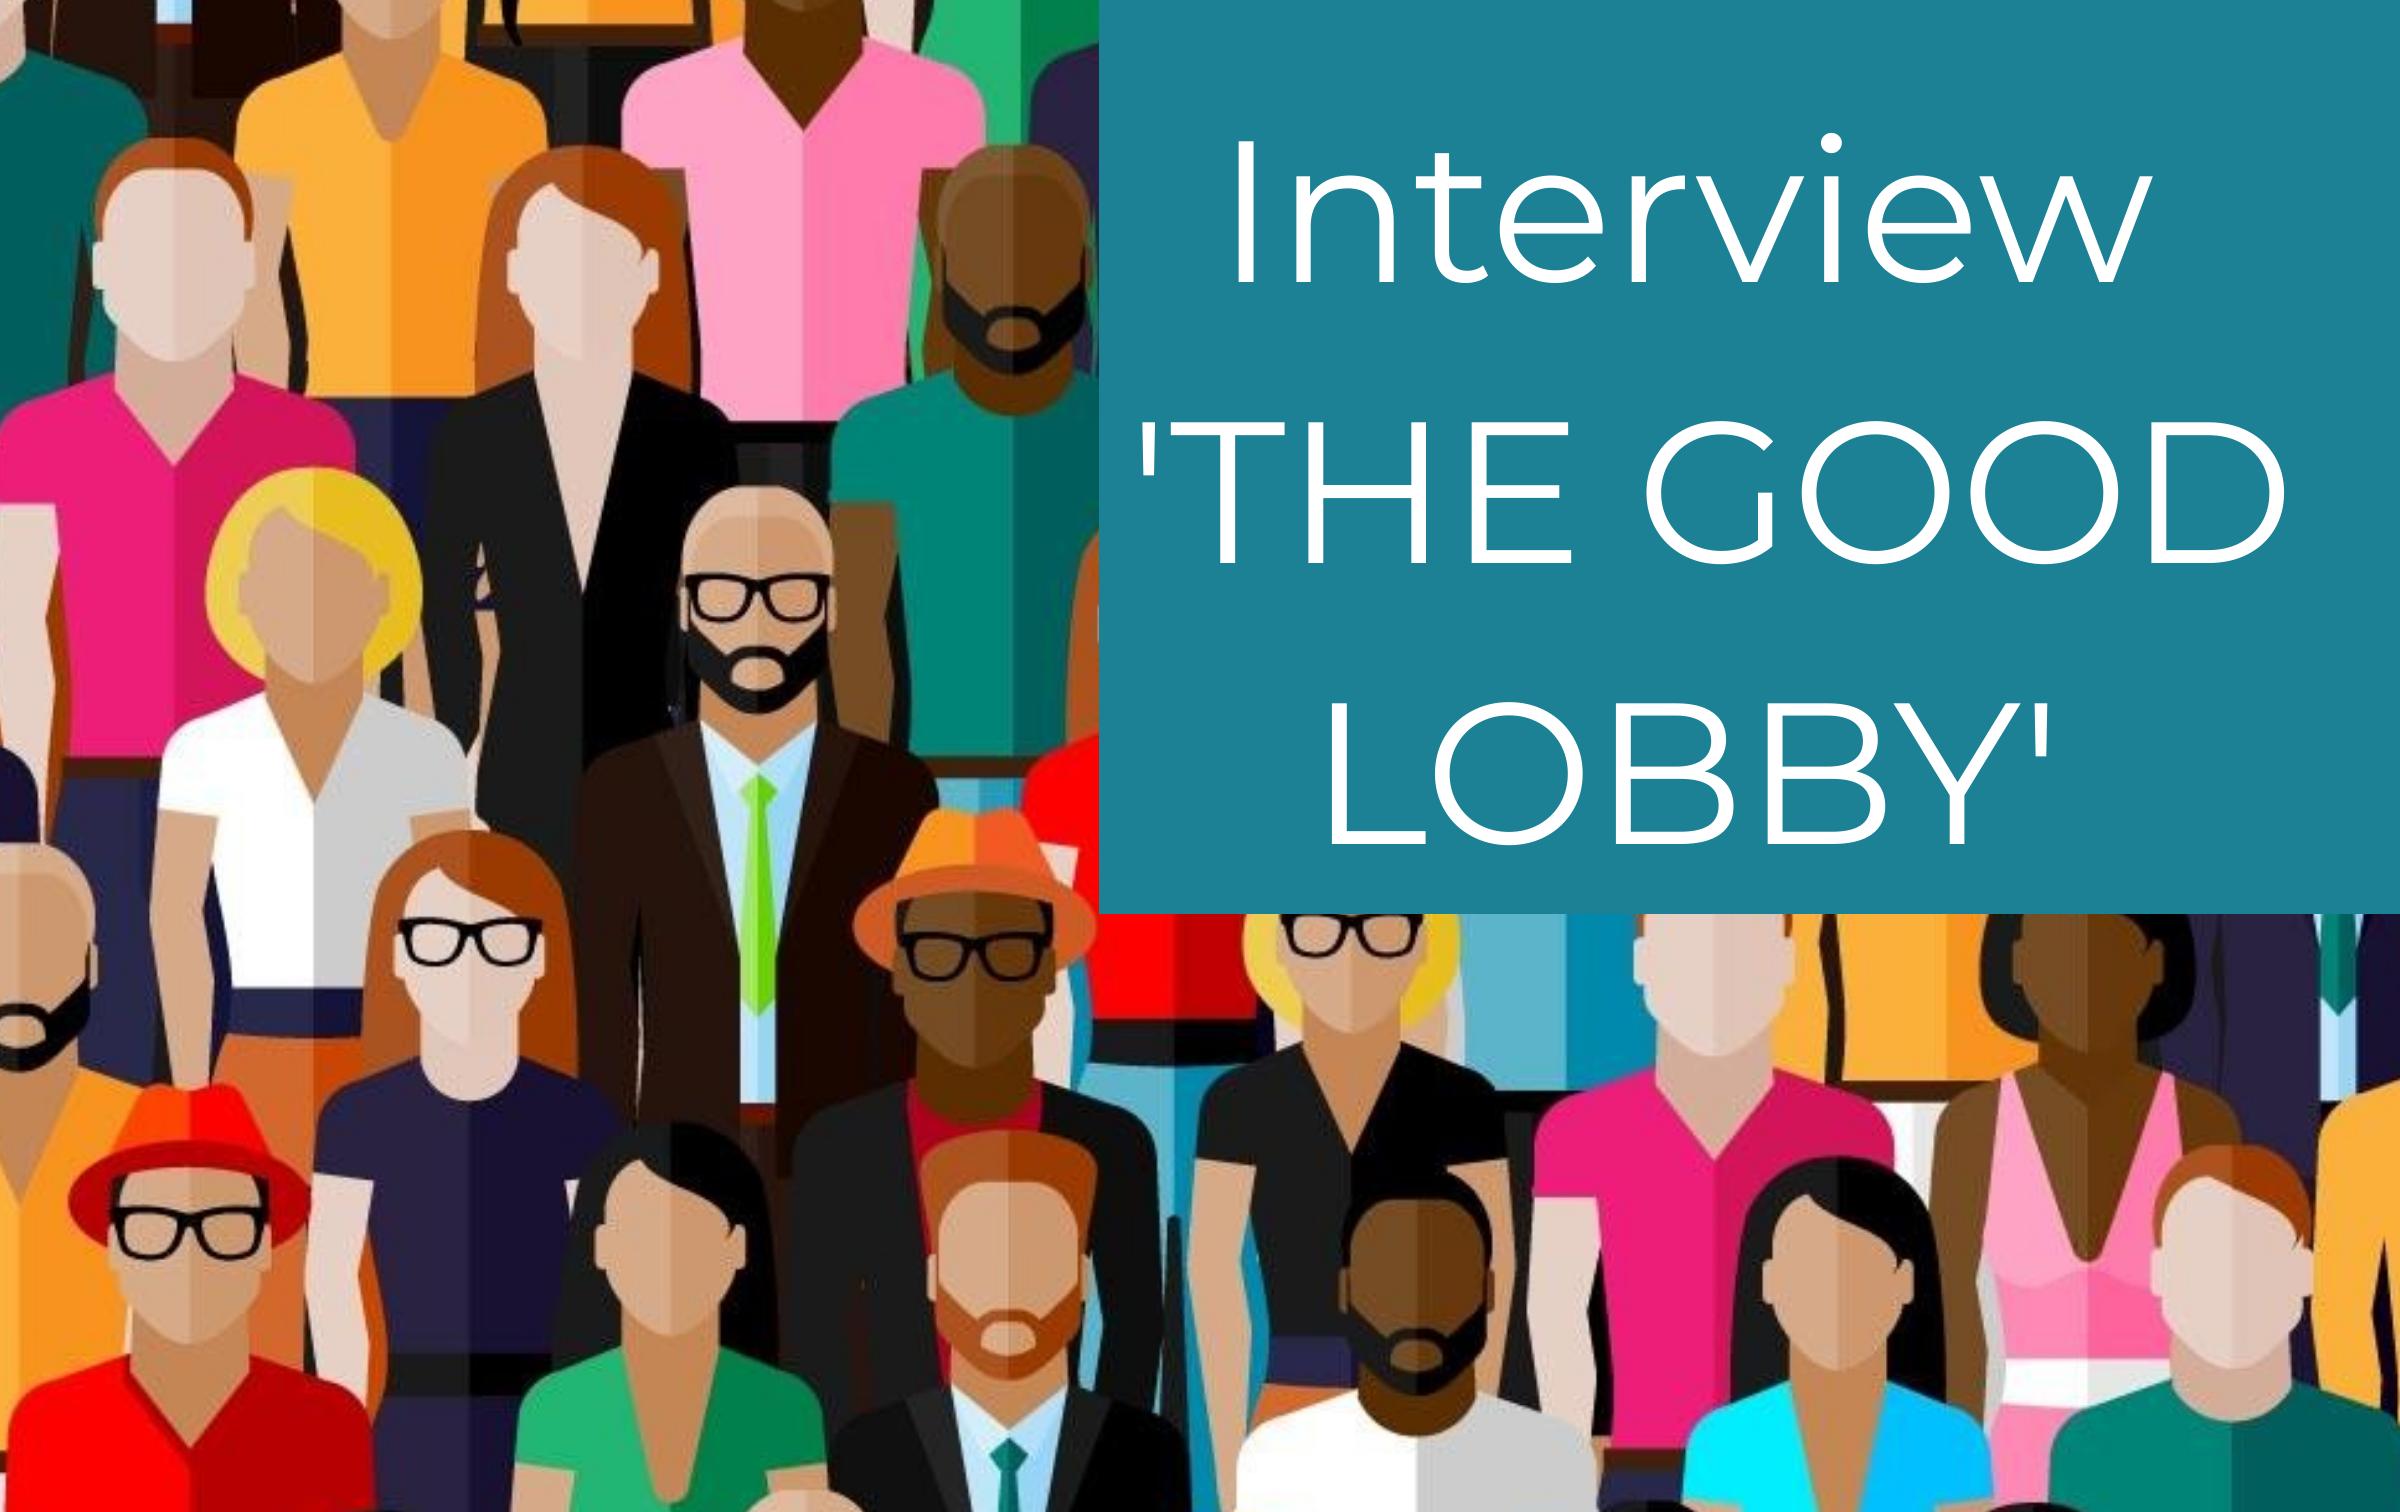 De lobbyist anders bekeken